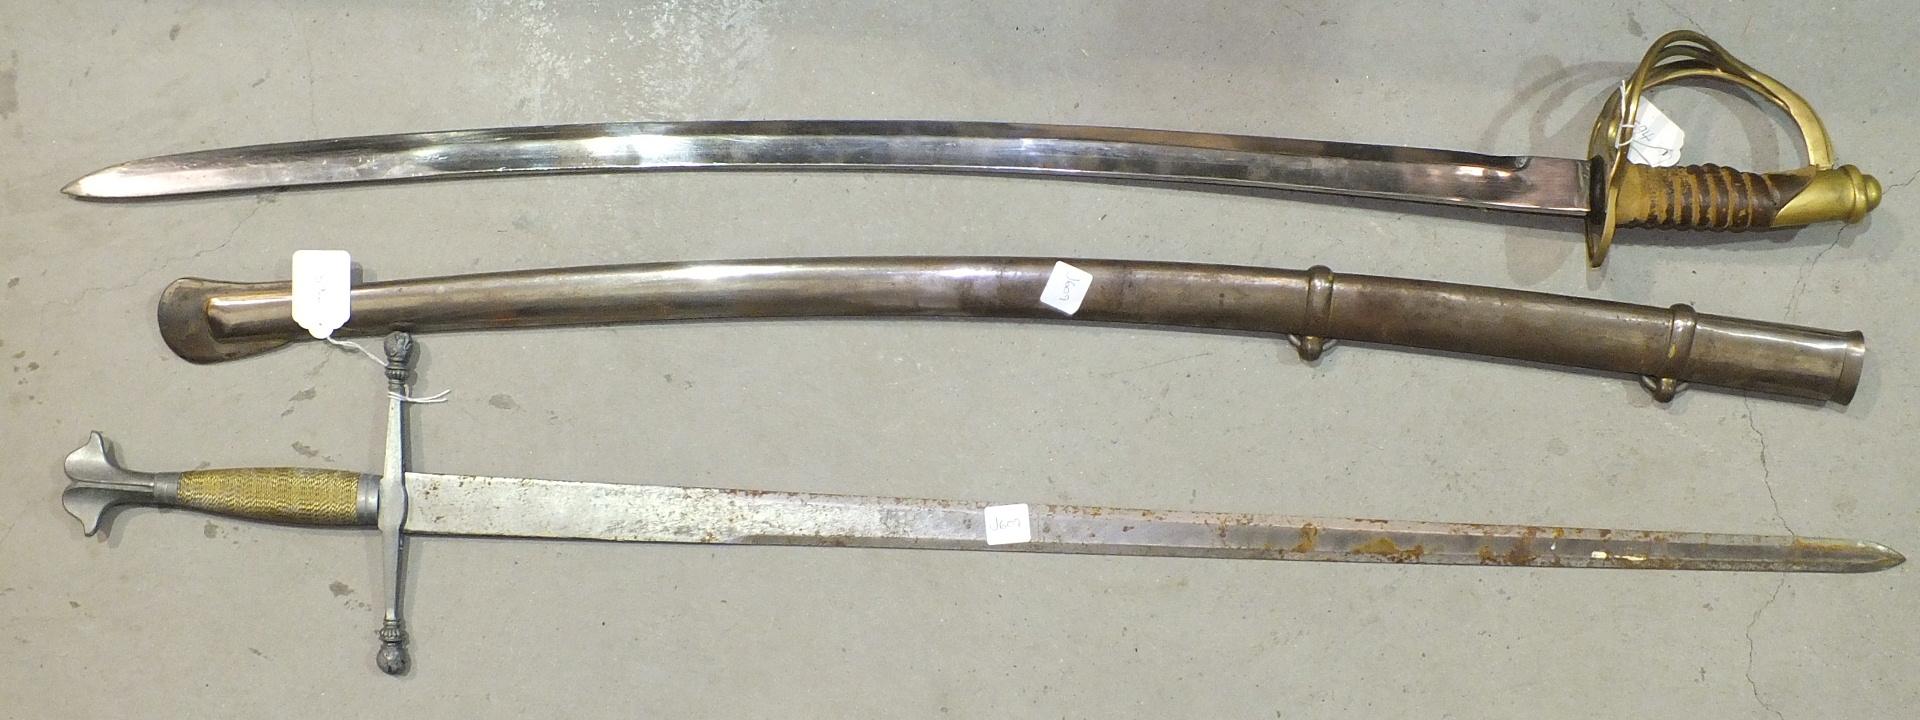 Lot 594 - A brass and copper bugle, a miniature bugle, a replica basket-hilted sabre in scabbard and a replica